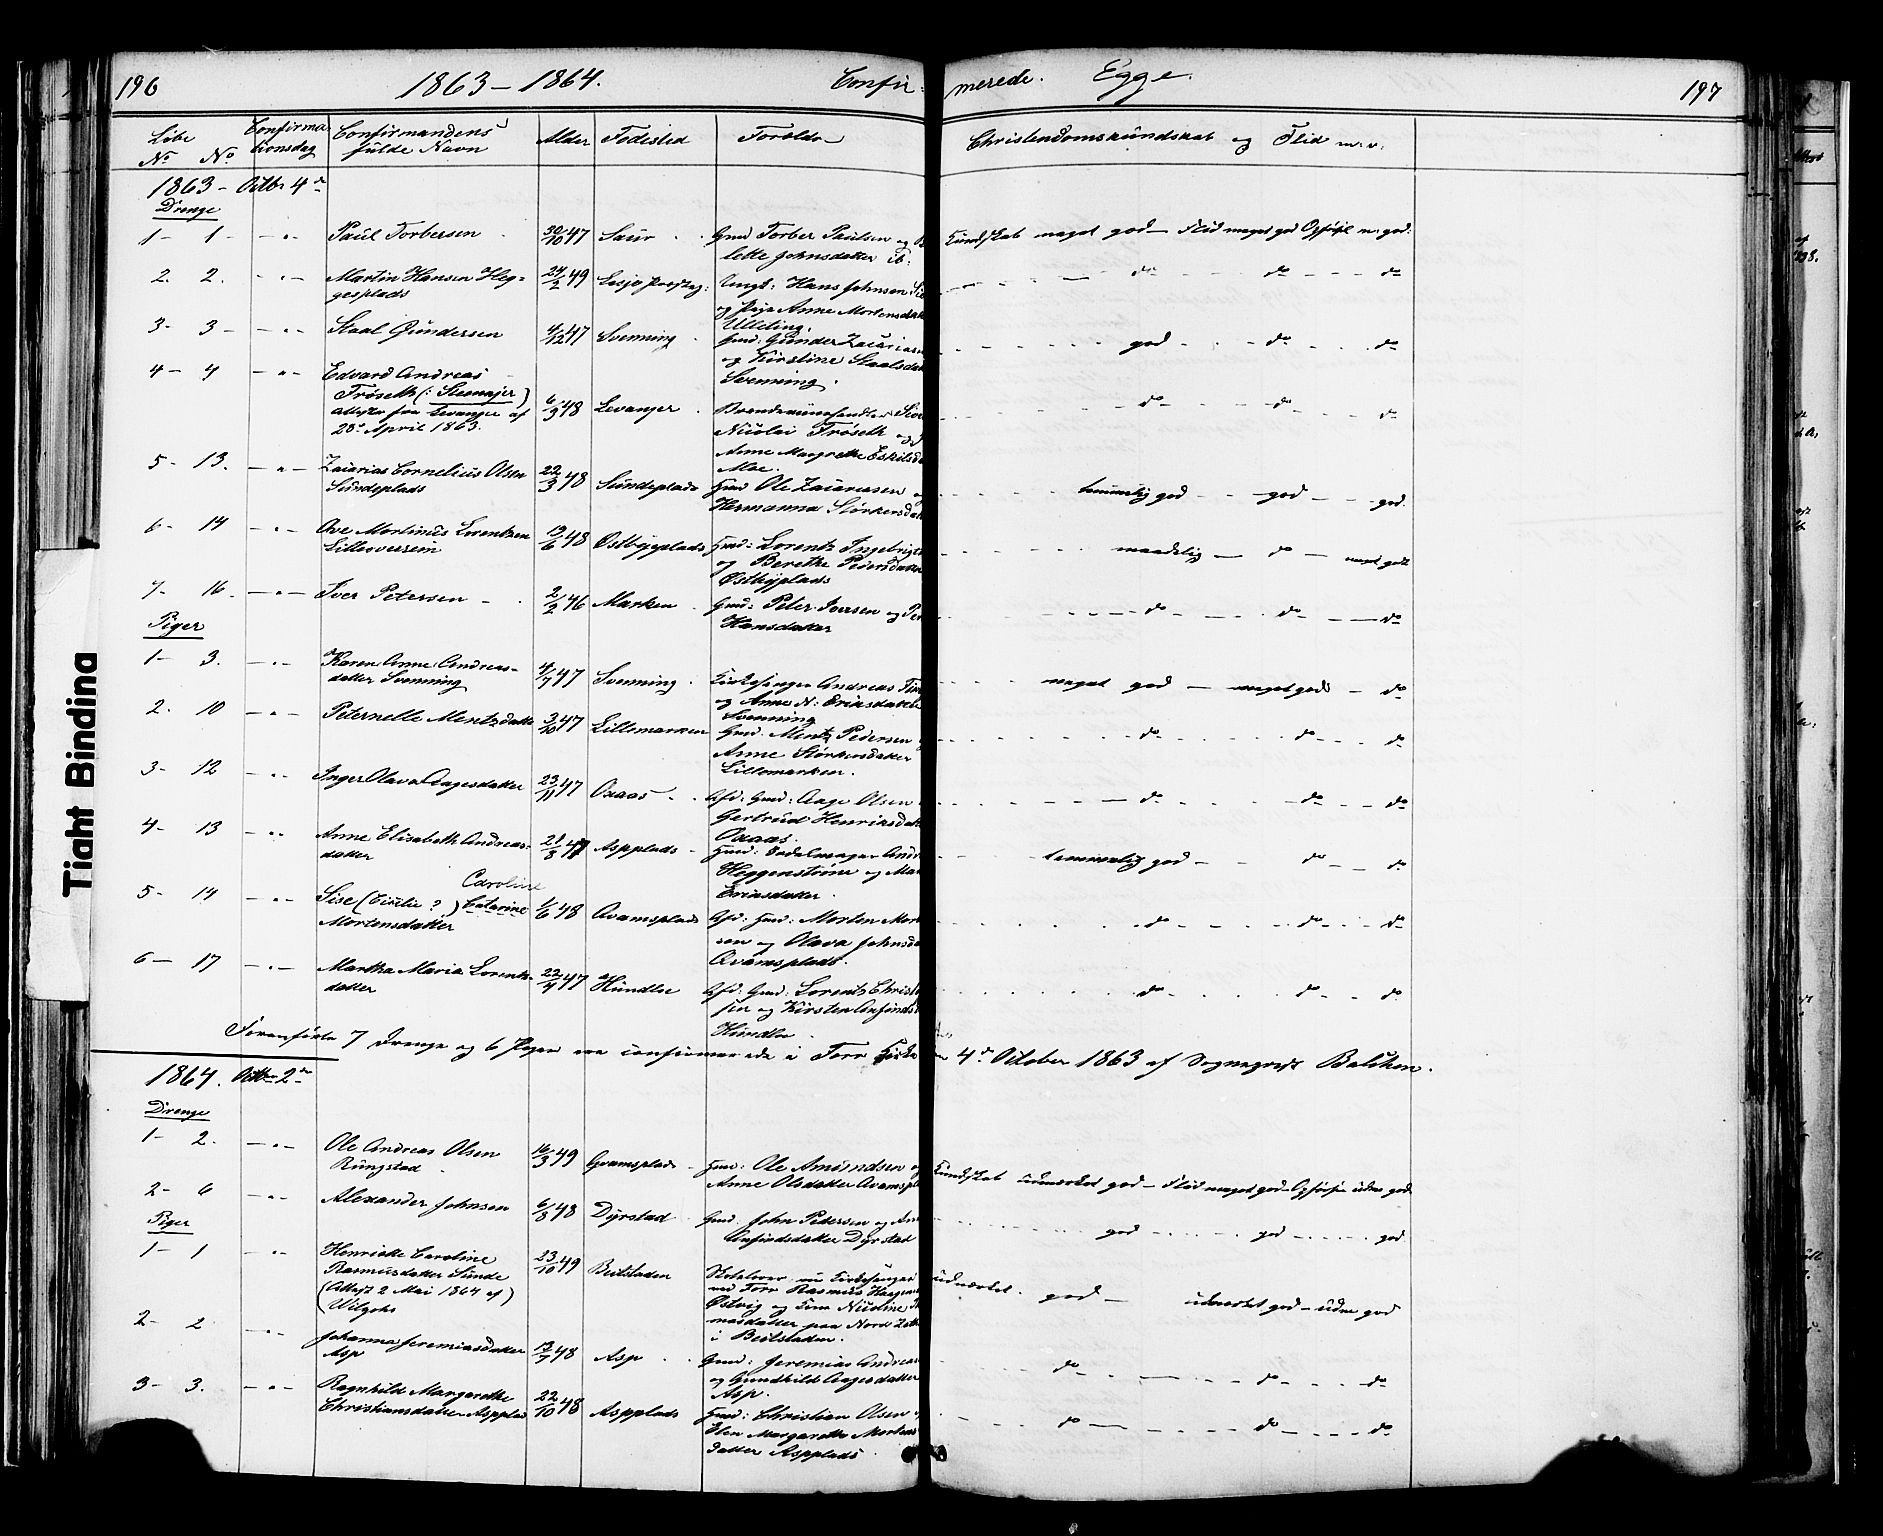 SAT, Ministerialprotokoller, klokkerbøker og fødselsregistre - Nord-Trøndelag, 739/L0367: Ministerialbok nr. 739A01 /3, 1838-1868, s. 196-197